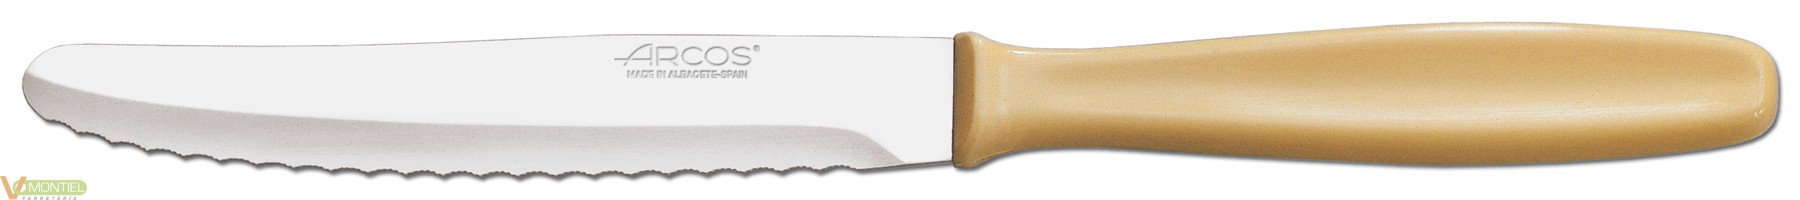 Cuchillo mesa 125mm bei 370200-0